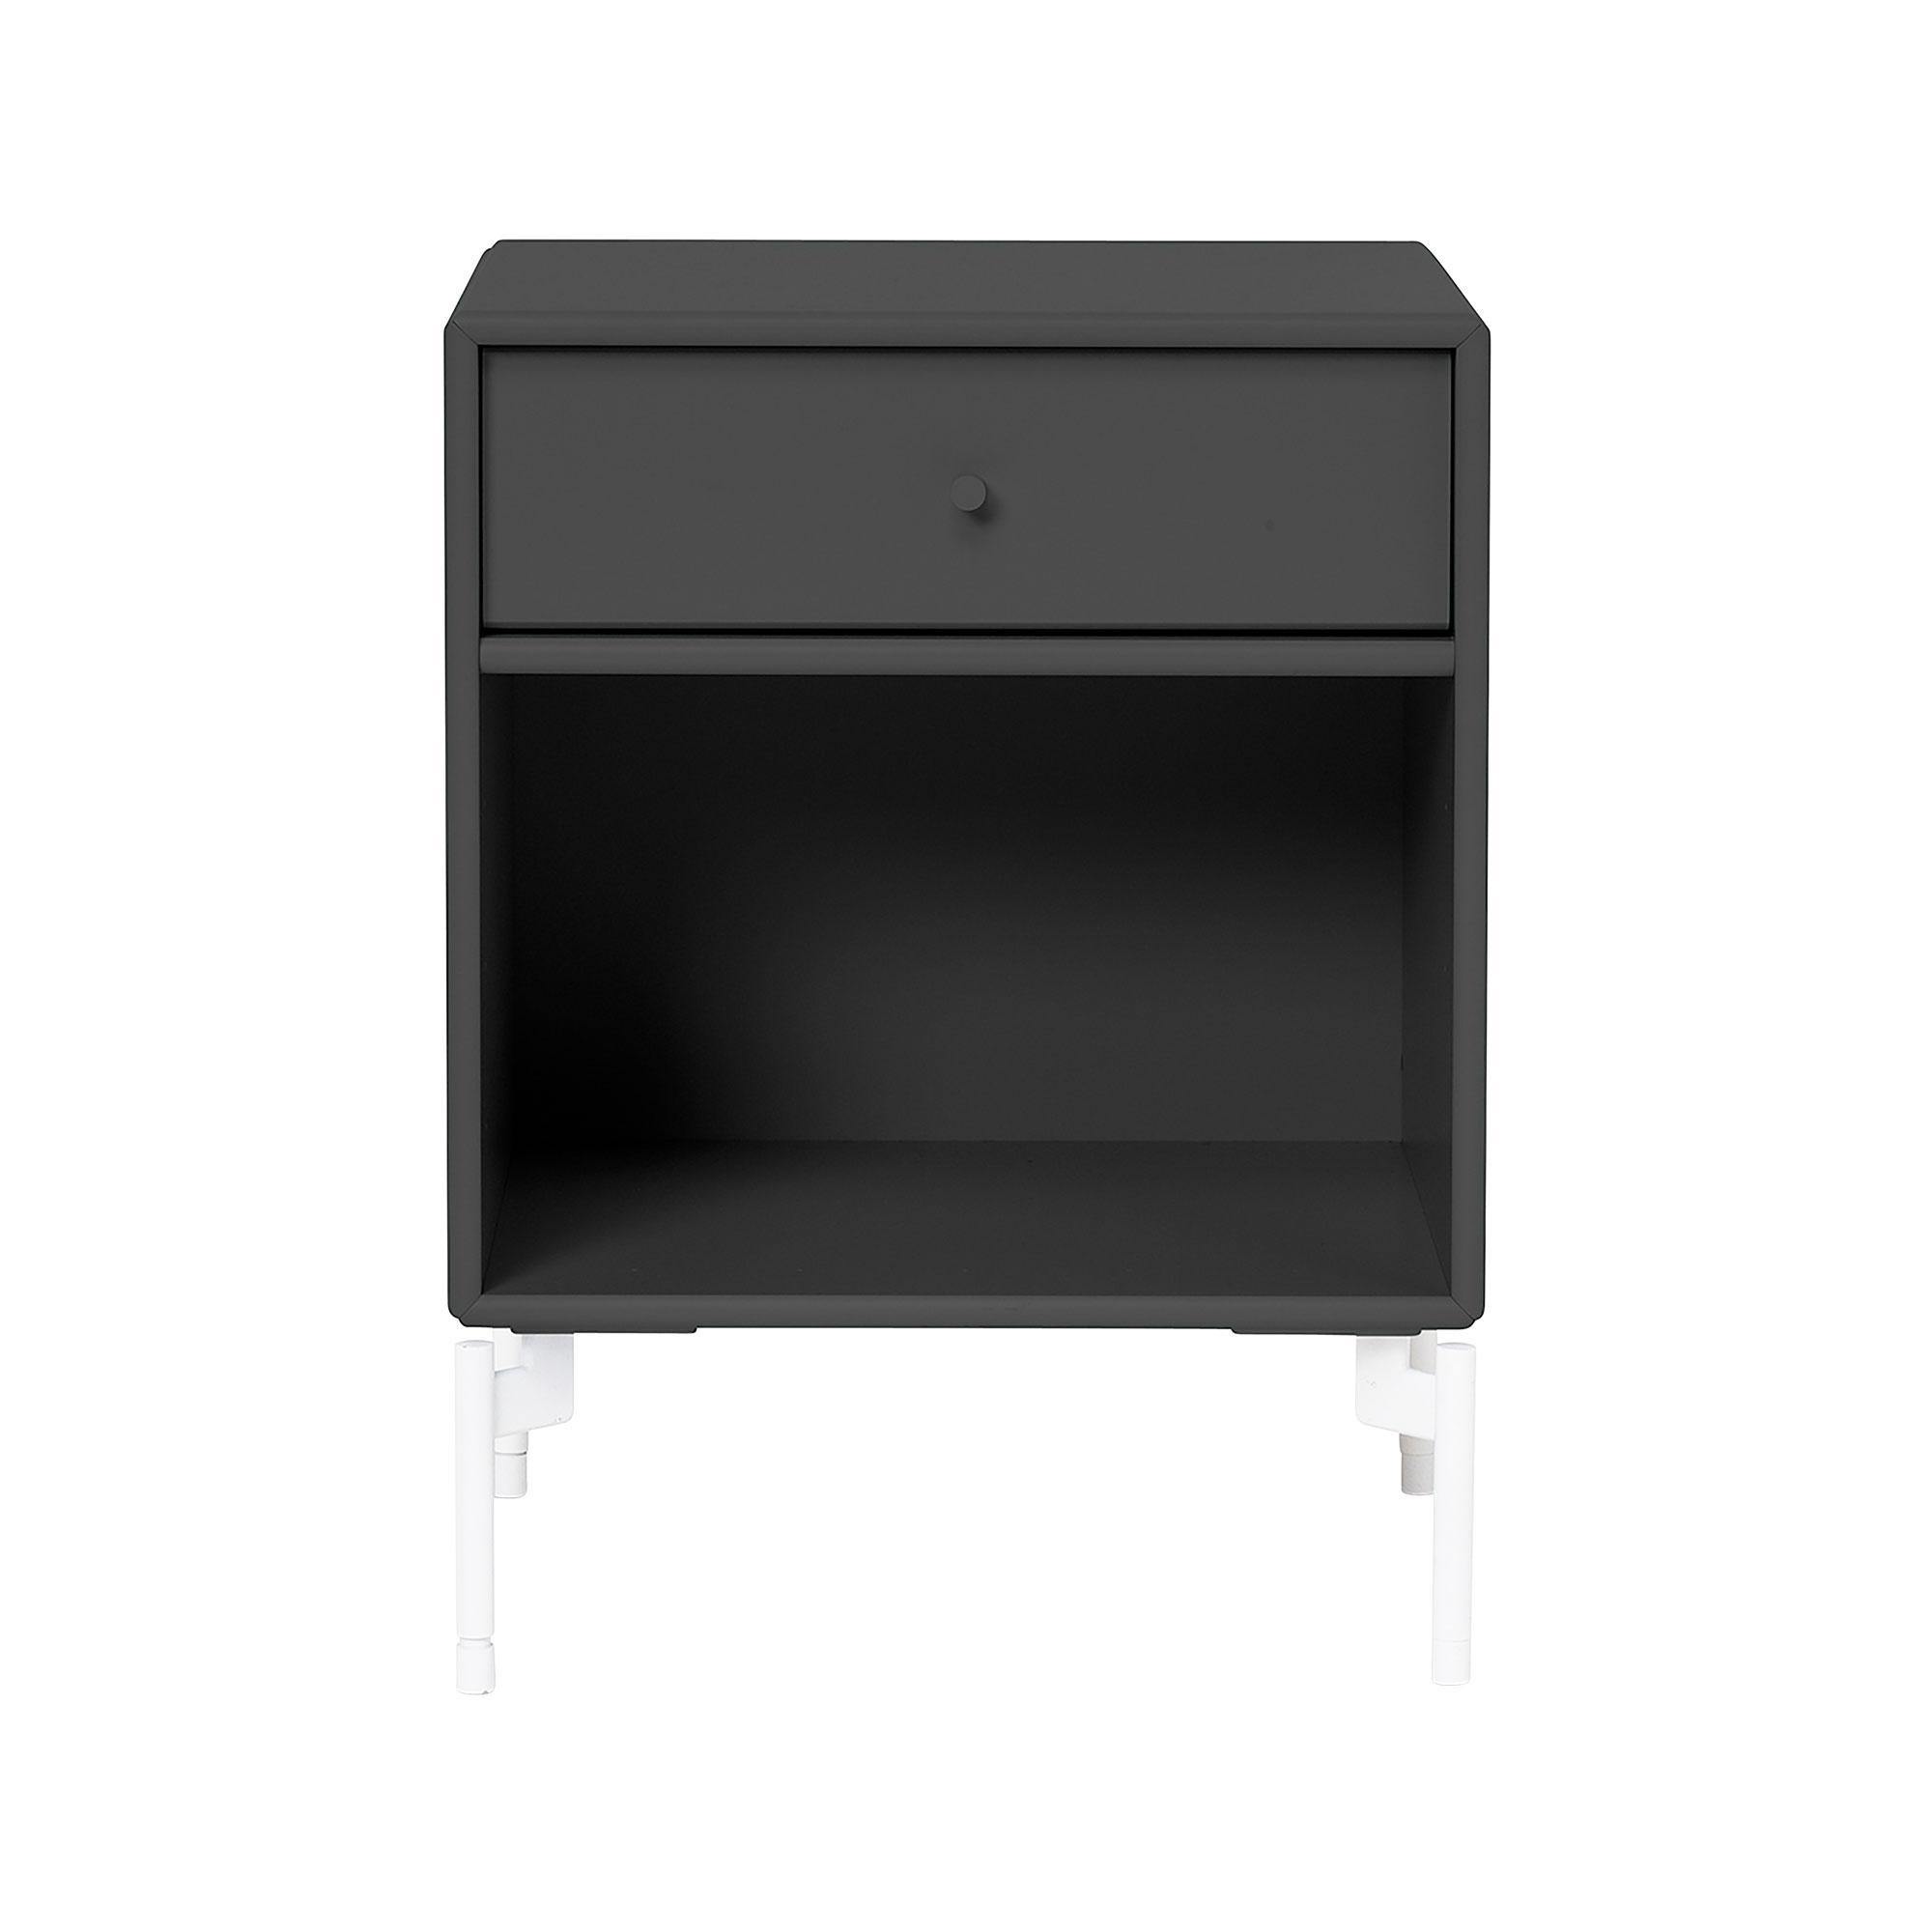 Montana - Dream Nachttisch mit Schublade H: 48cm - anthrazit 04/lackiert/BxHxT 35|4x48x30cm | Schlafzimmer > Nachttische | Anthrazit 04 | Mdf lackiert | Montana